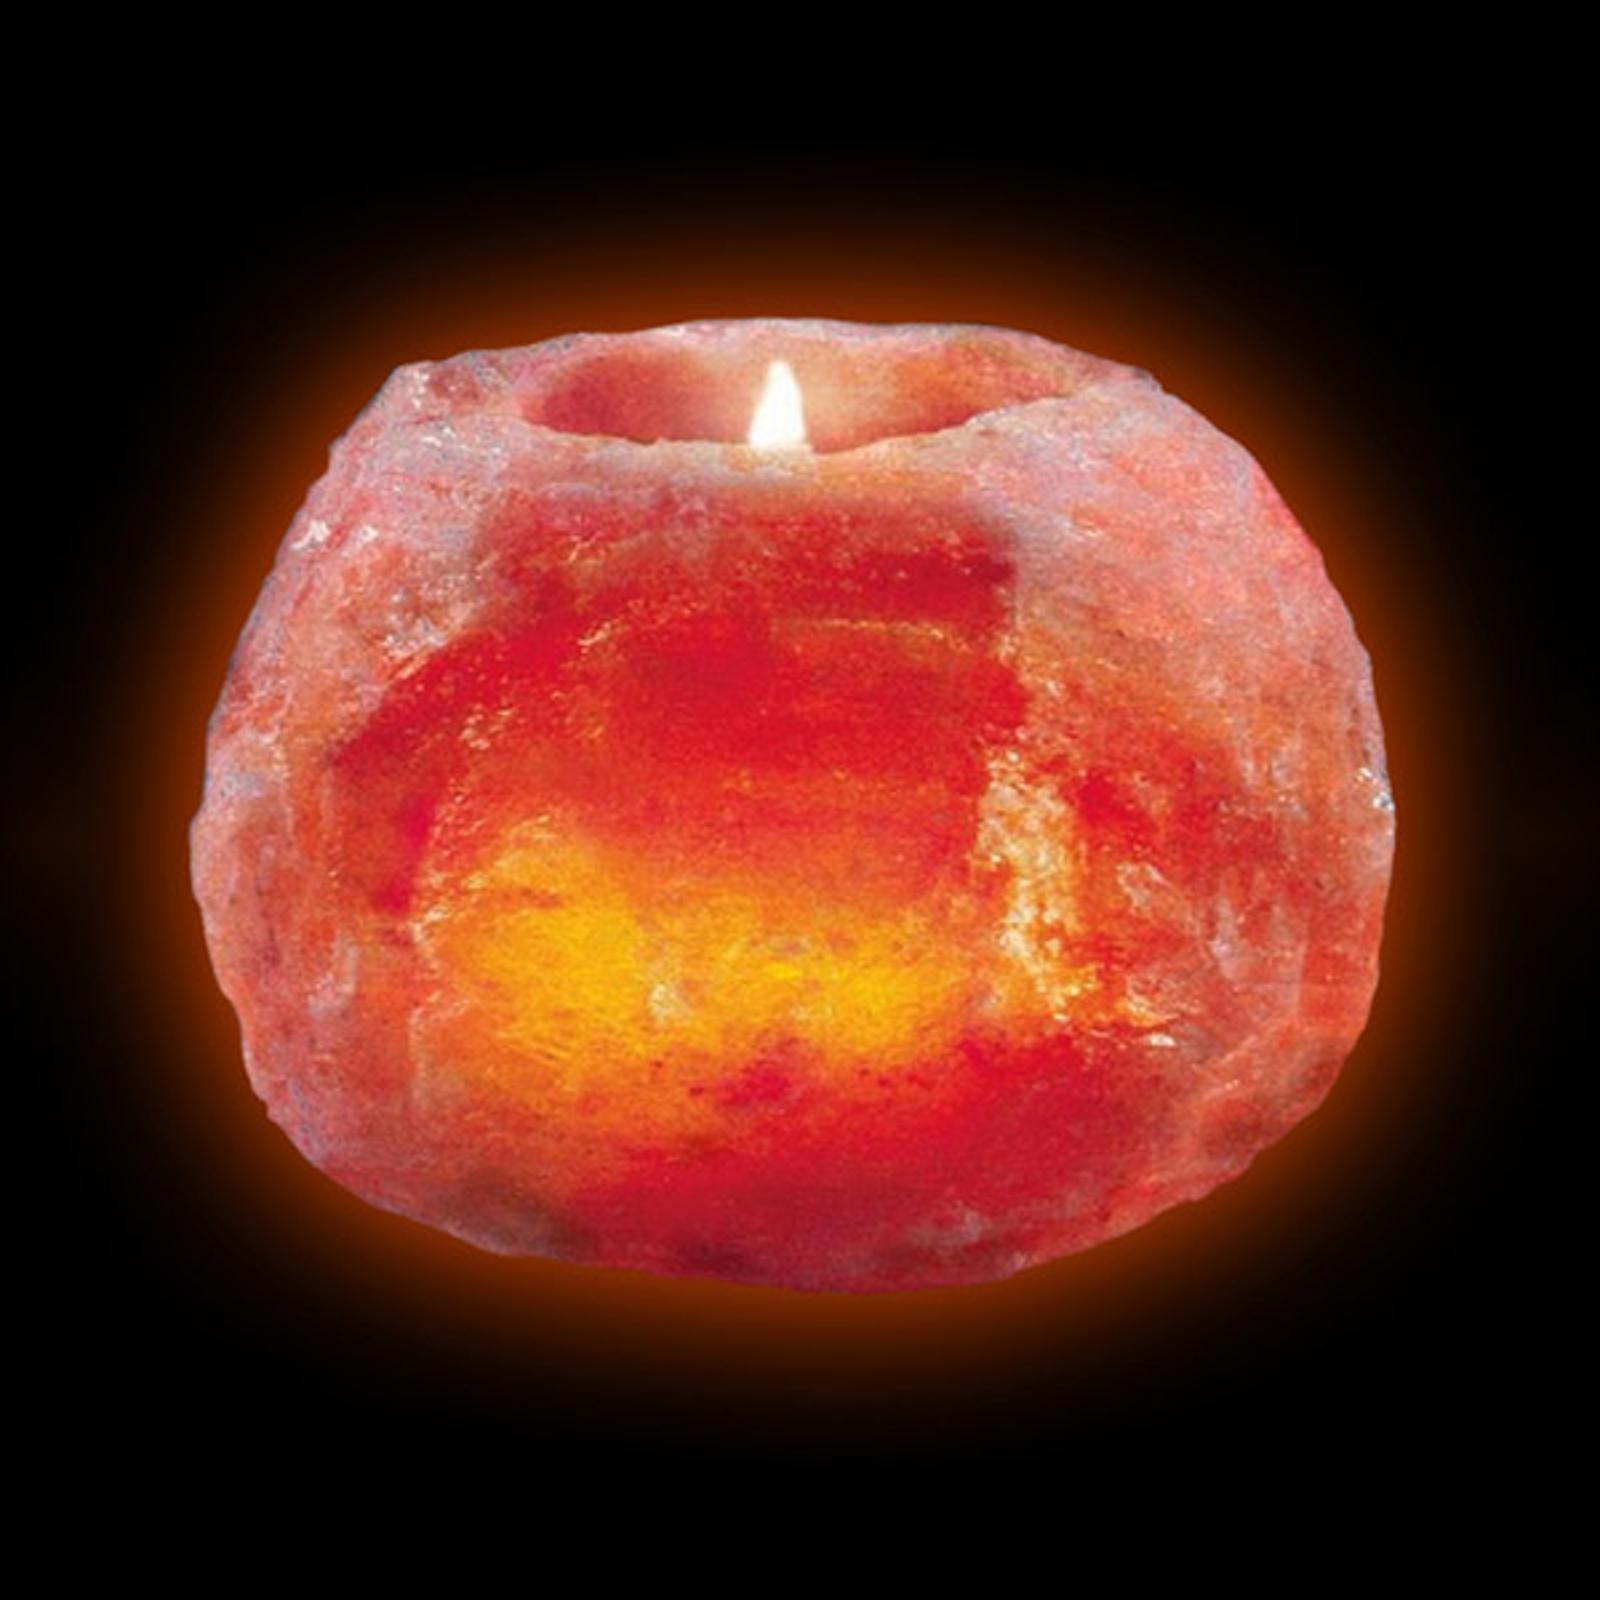 Portalumini ai cristalli di sale, medio, 700 g